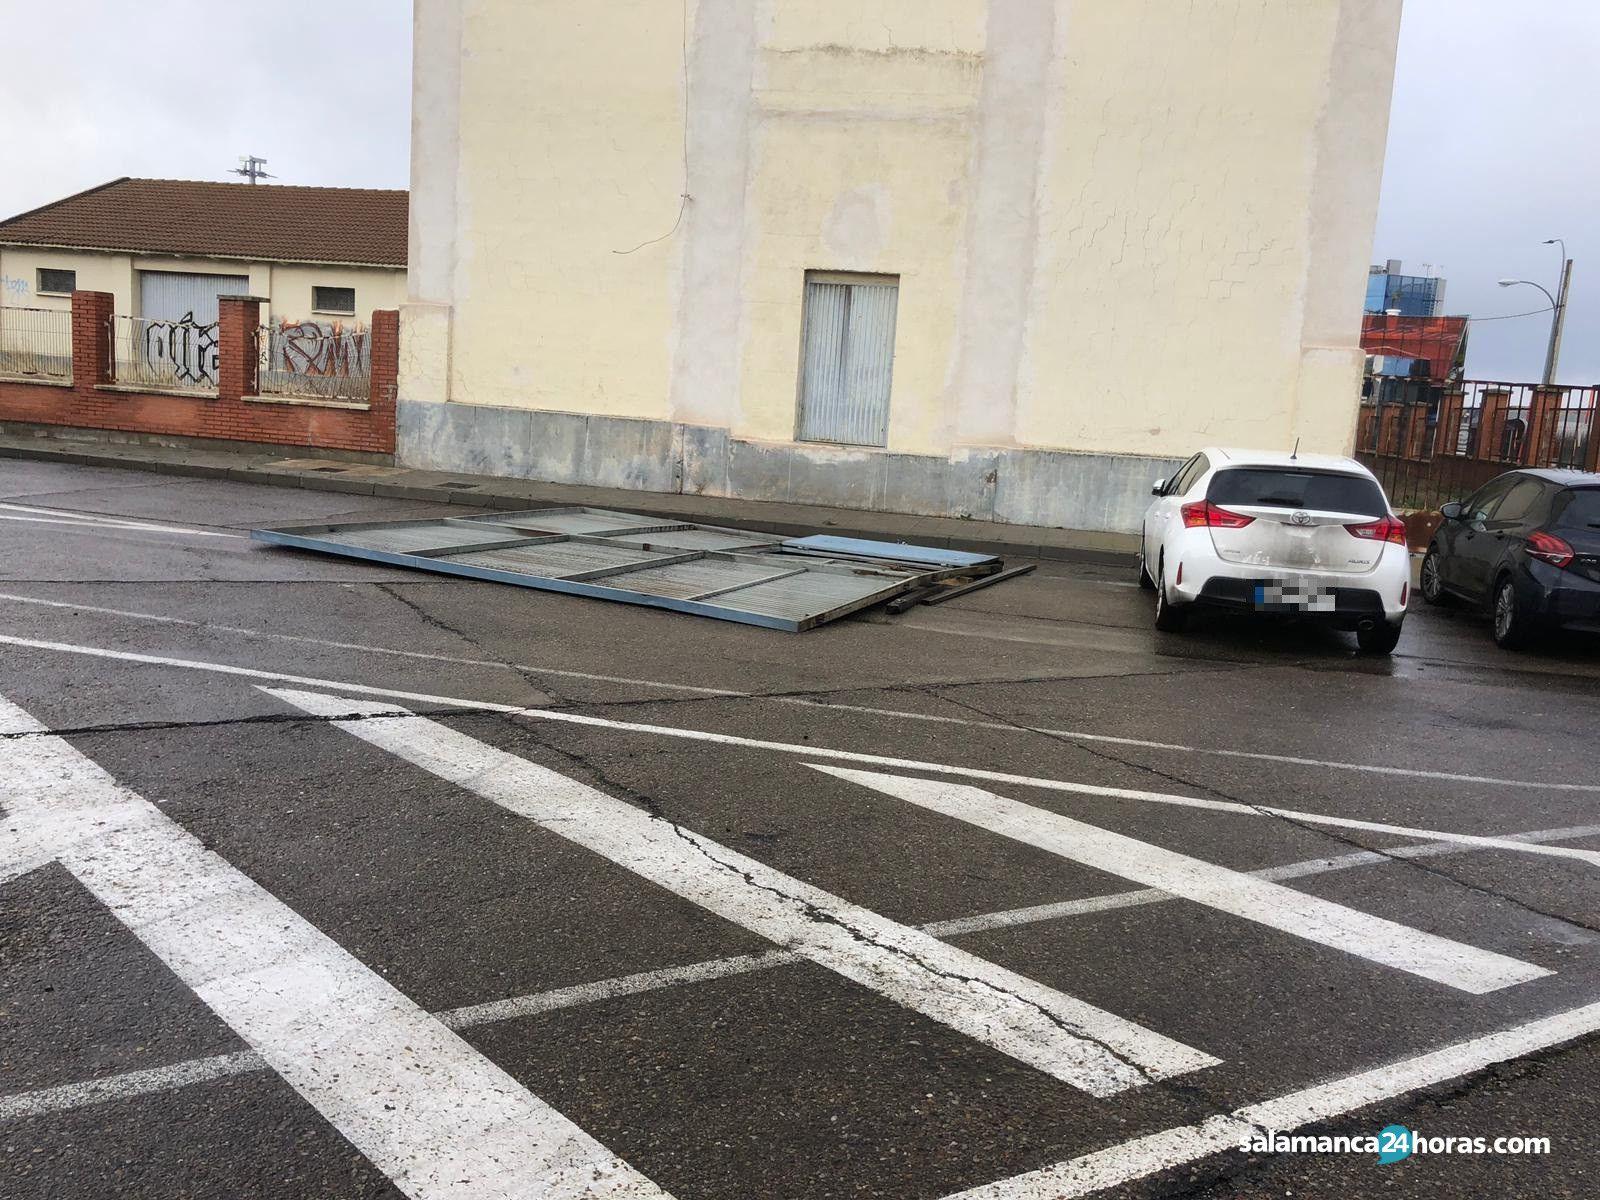 Puerta alunizaje Villares 2